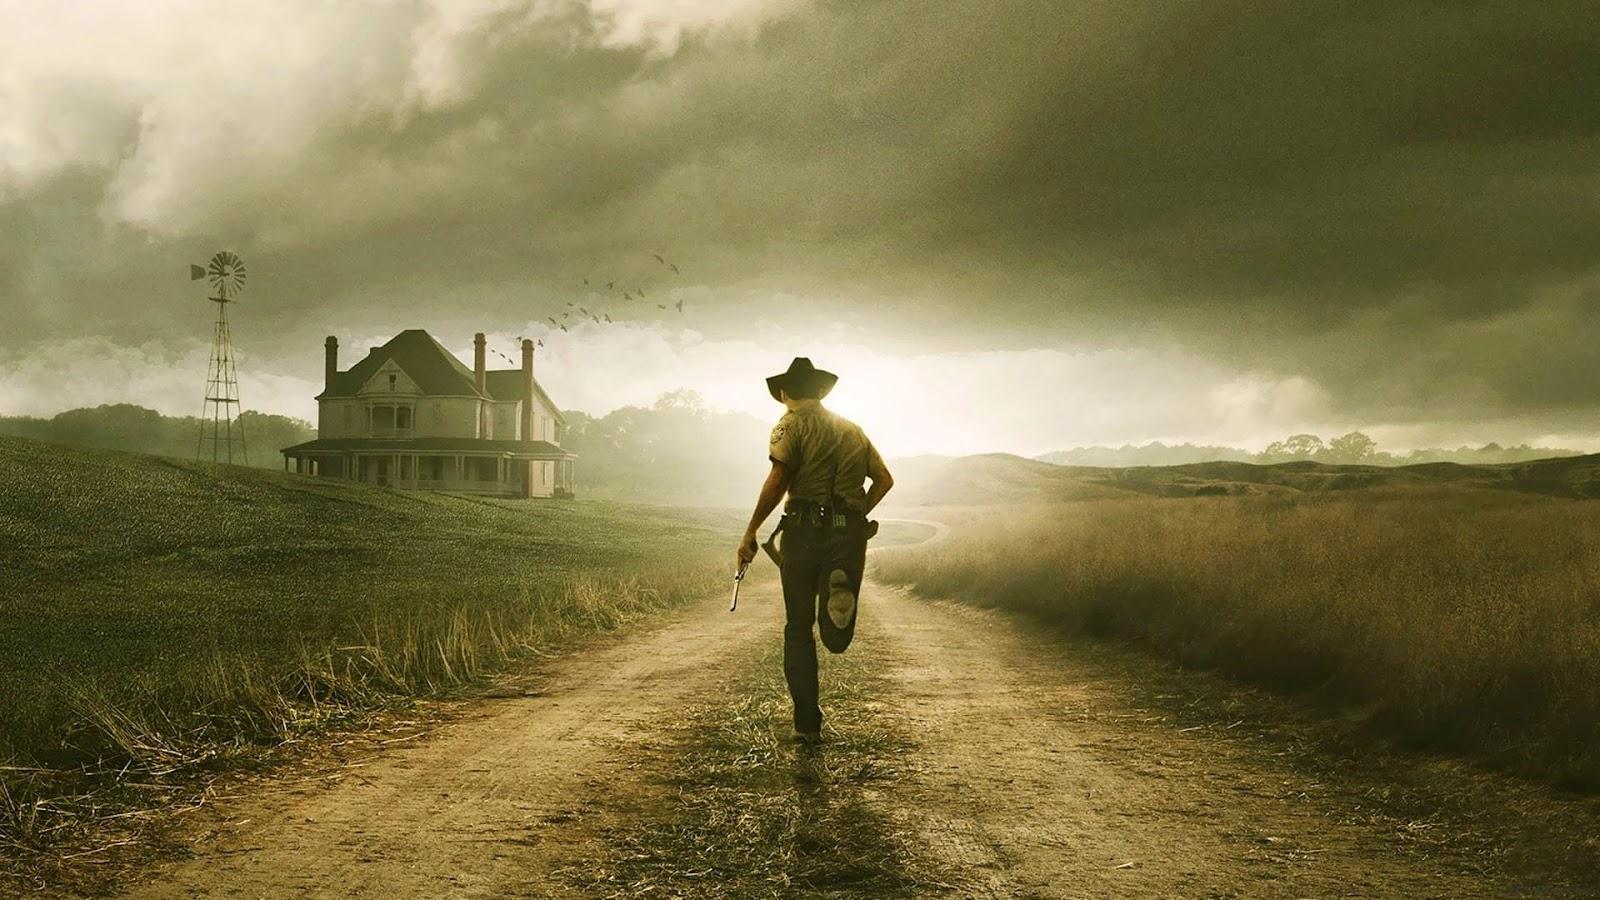 The Walking Dead Wallpapers: Walking Dead HD Wallpaper